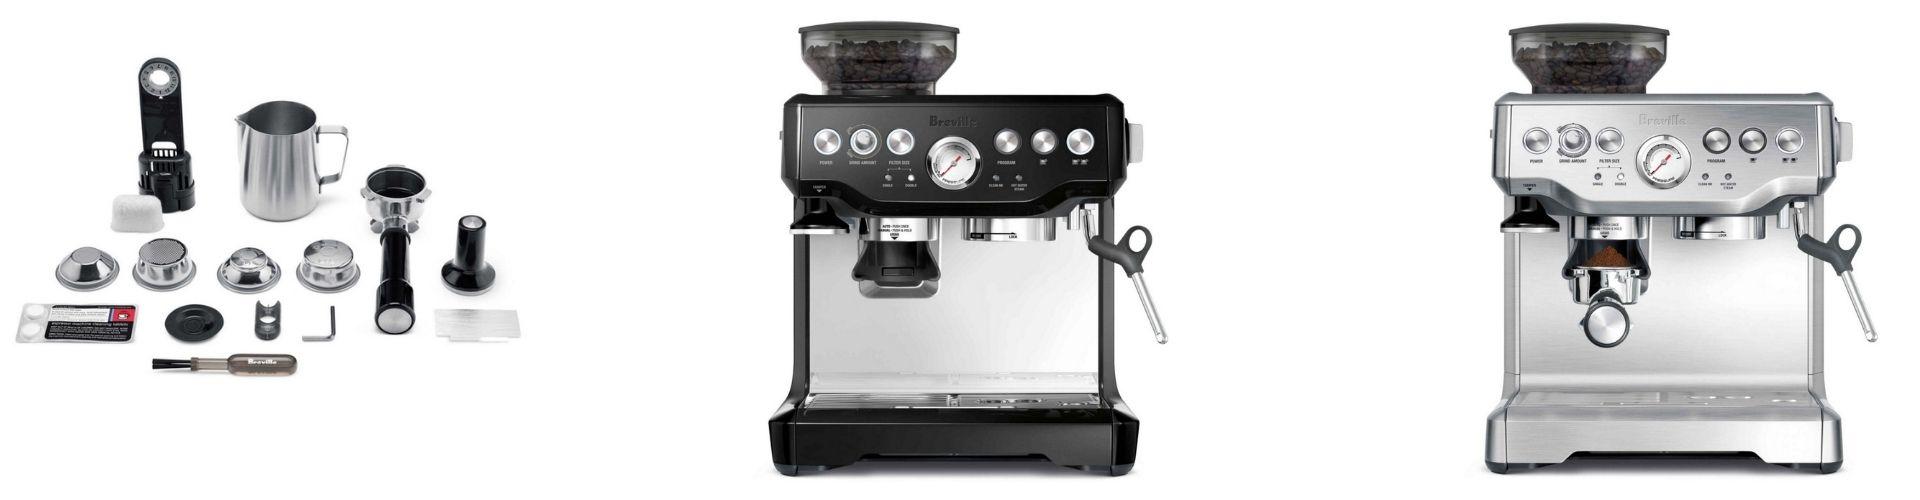 Breville Barista Express - The Ultimate All-In-One Espresso Machine